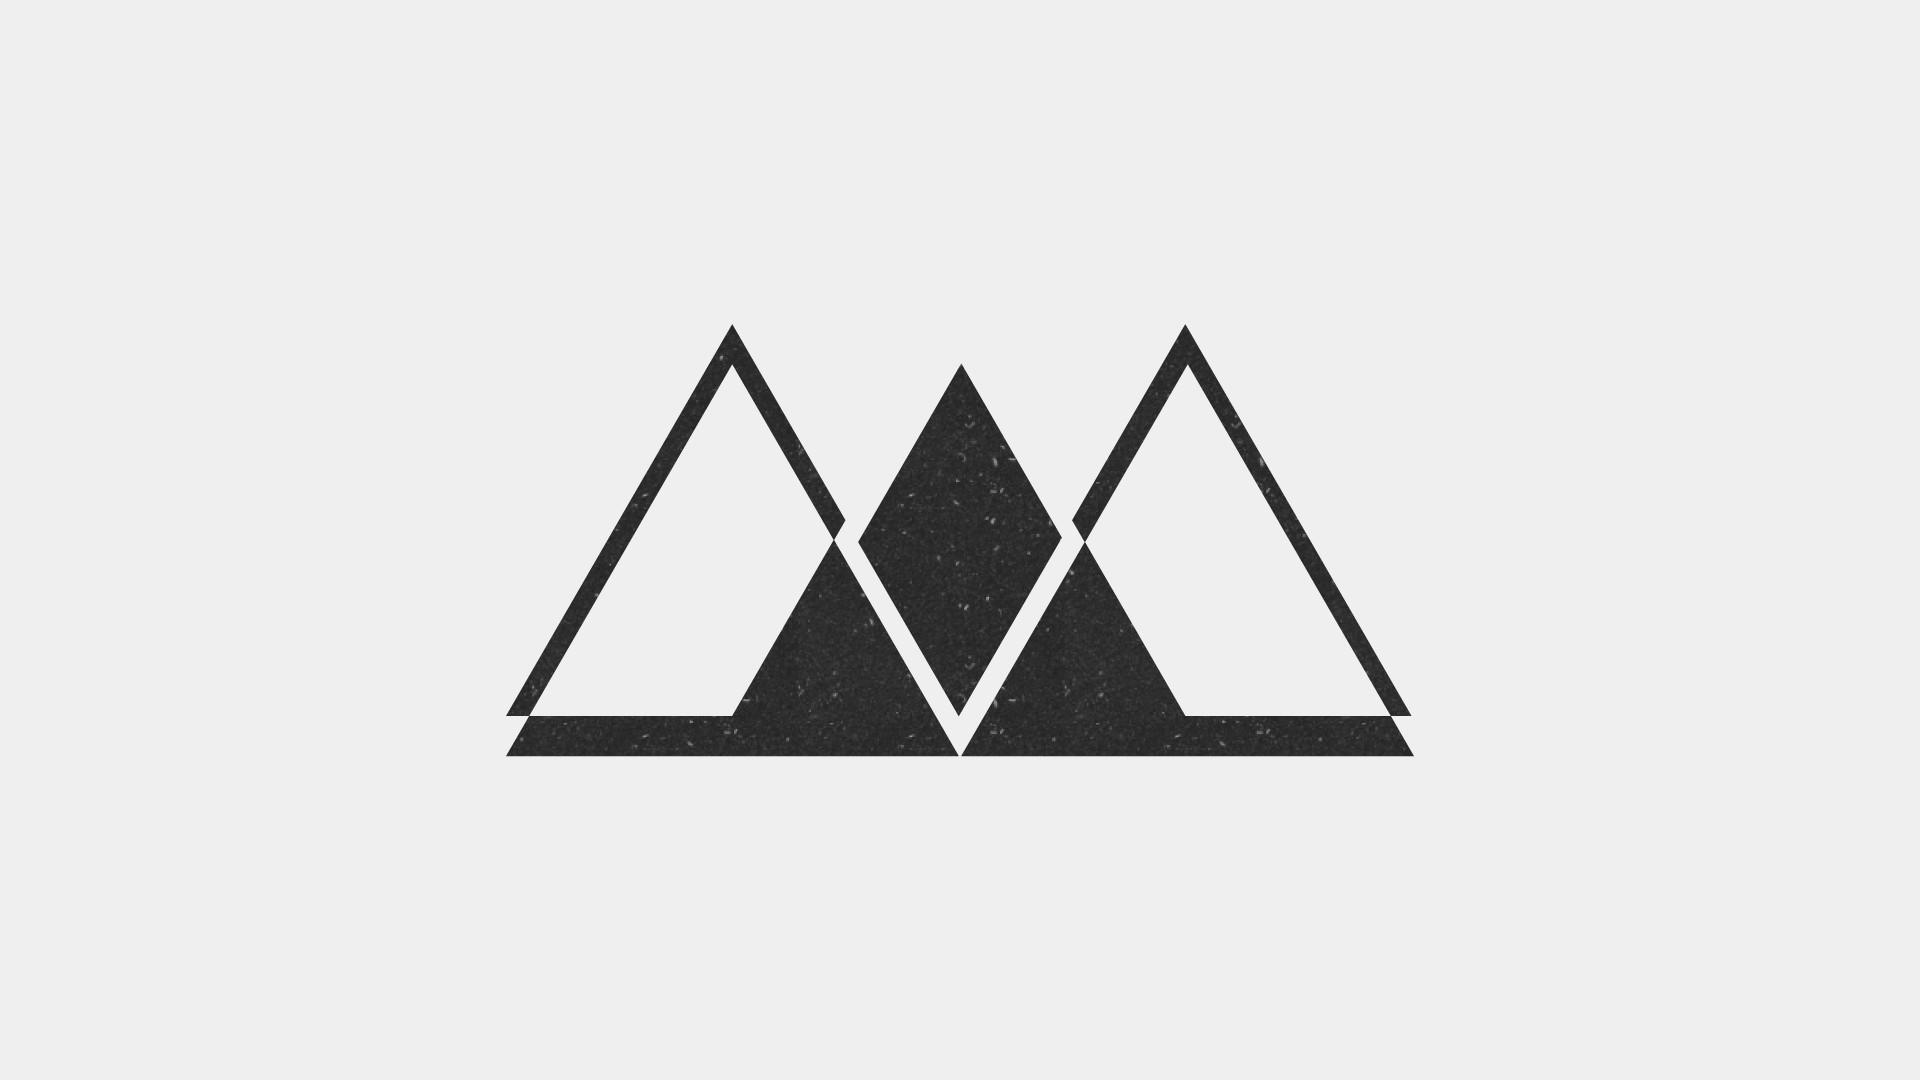 Nathan Timberlake Minimalism Wallpaper 44 2 - Triangle , HD Wallpaper & Backgrounds